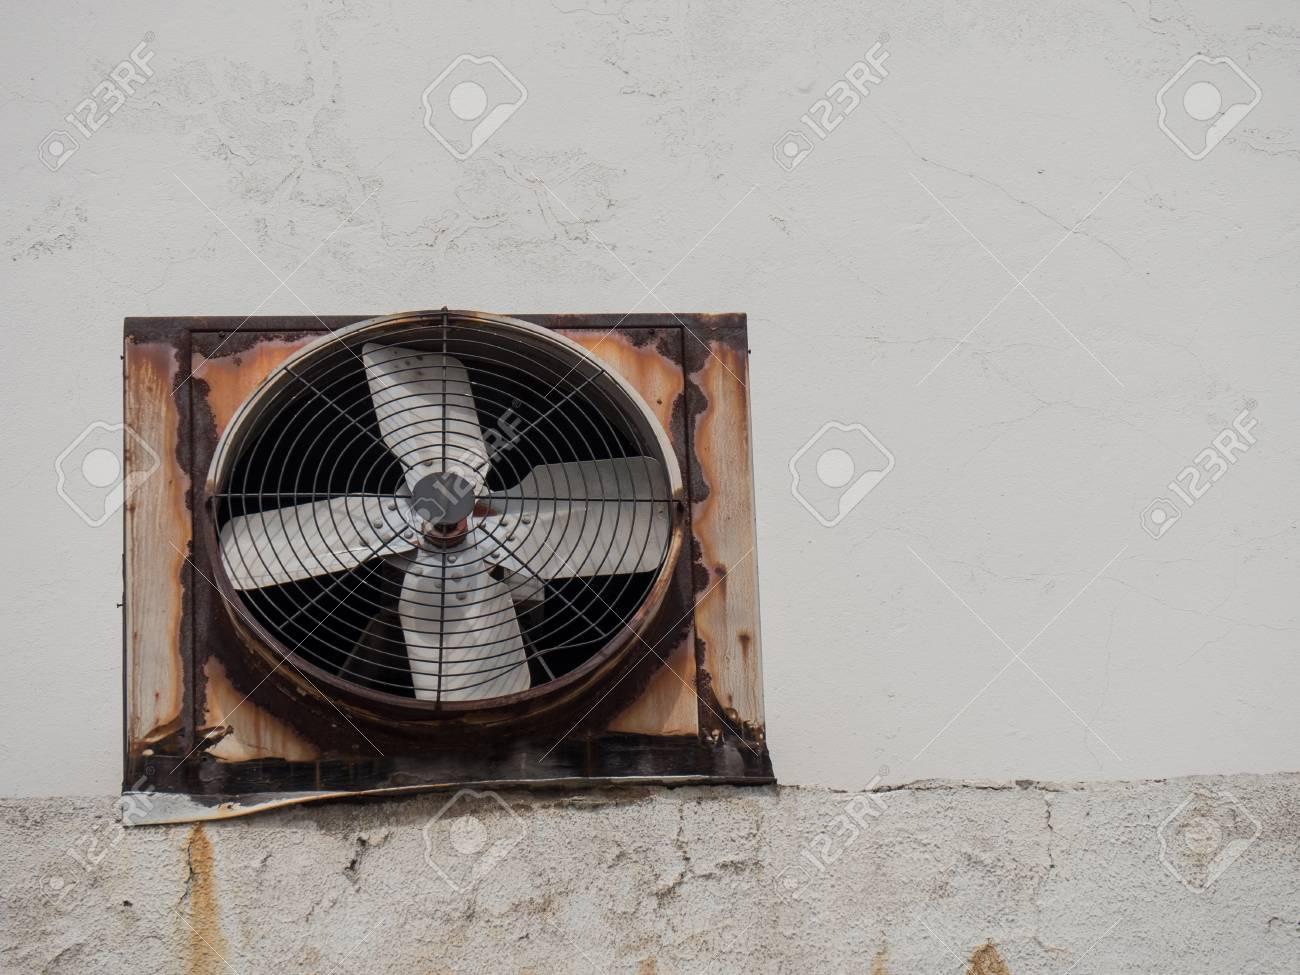 industrial ventilation exhaust fan on wall